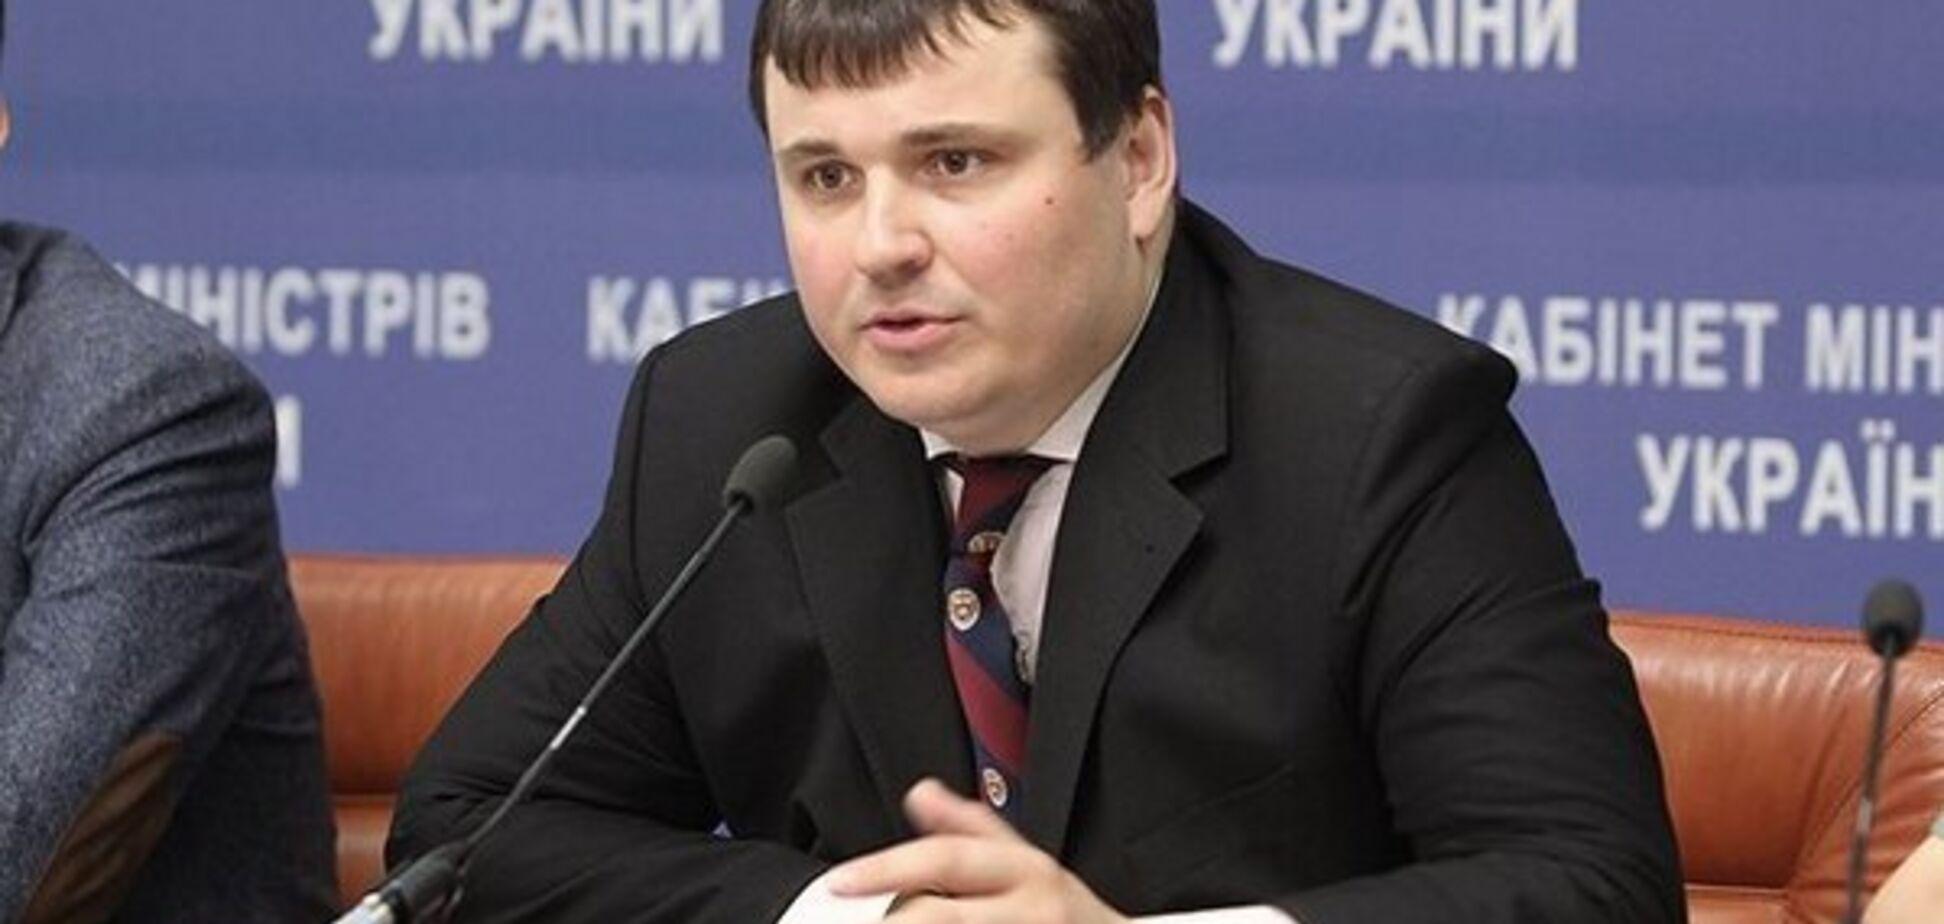 Покинувший 'Слугу народа' Гусев объяснил обвинения из-за дела Гандзюк